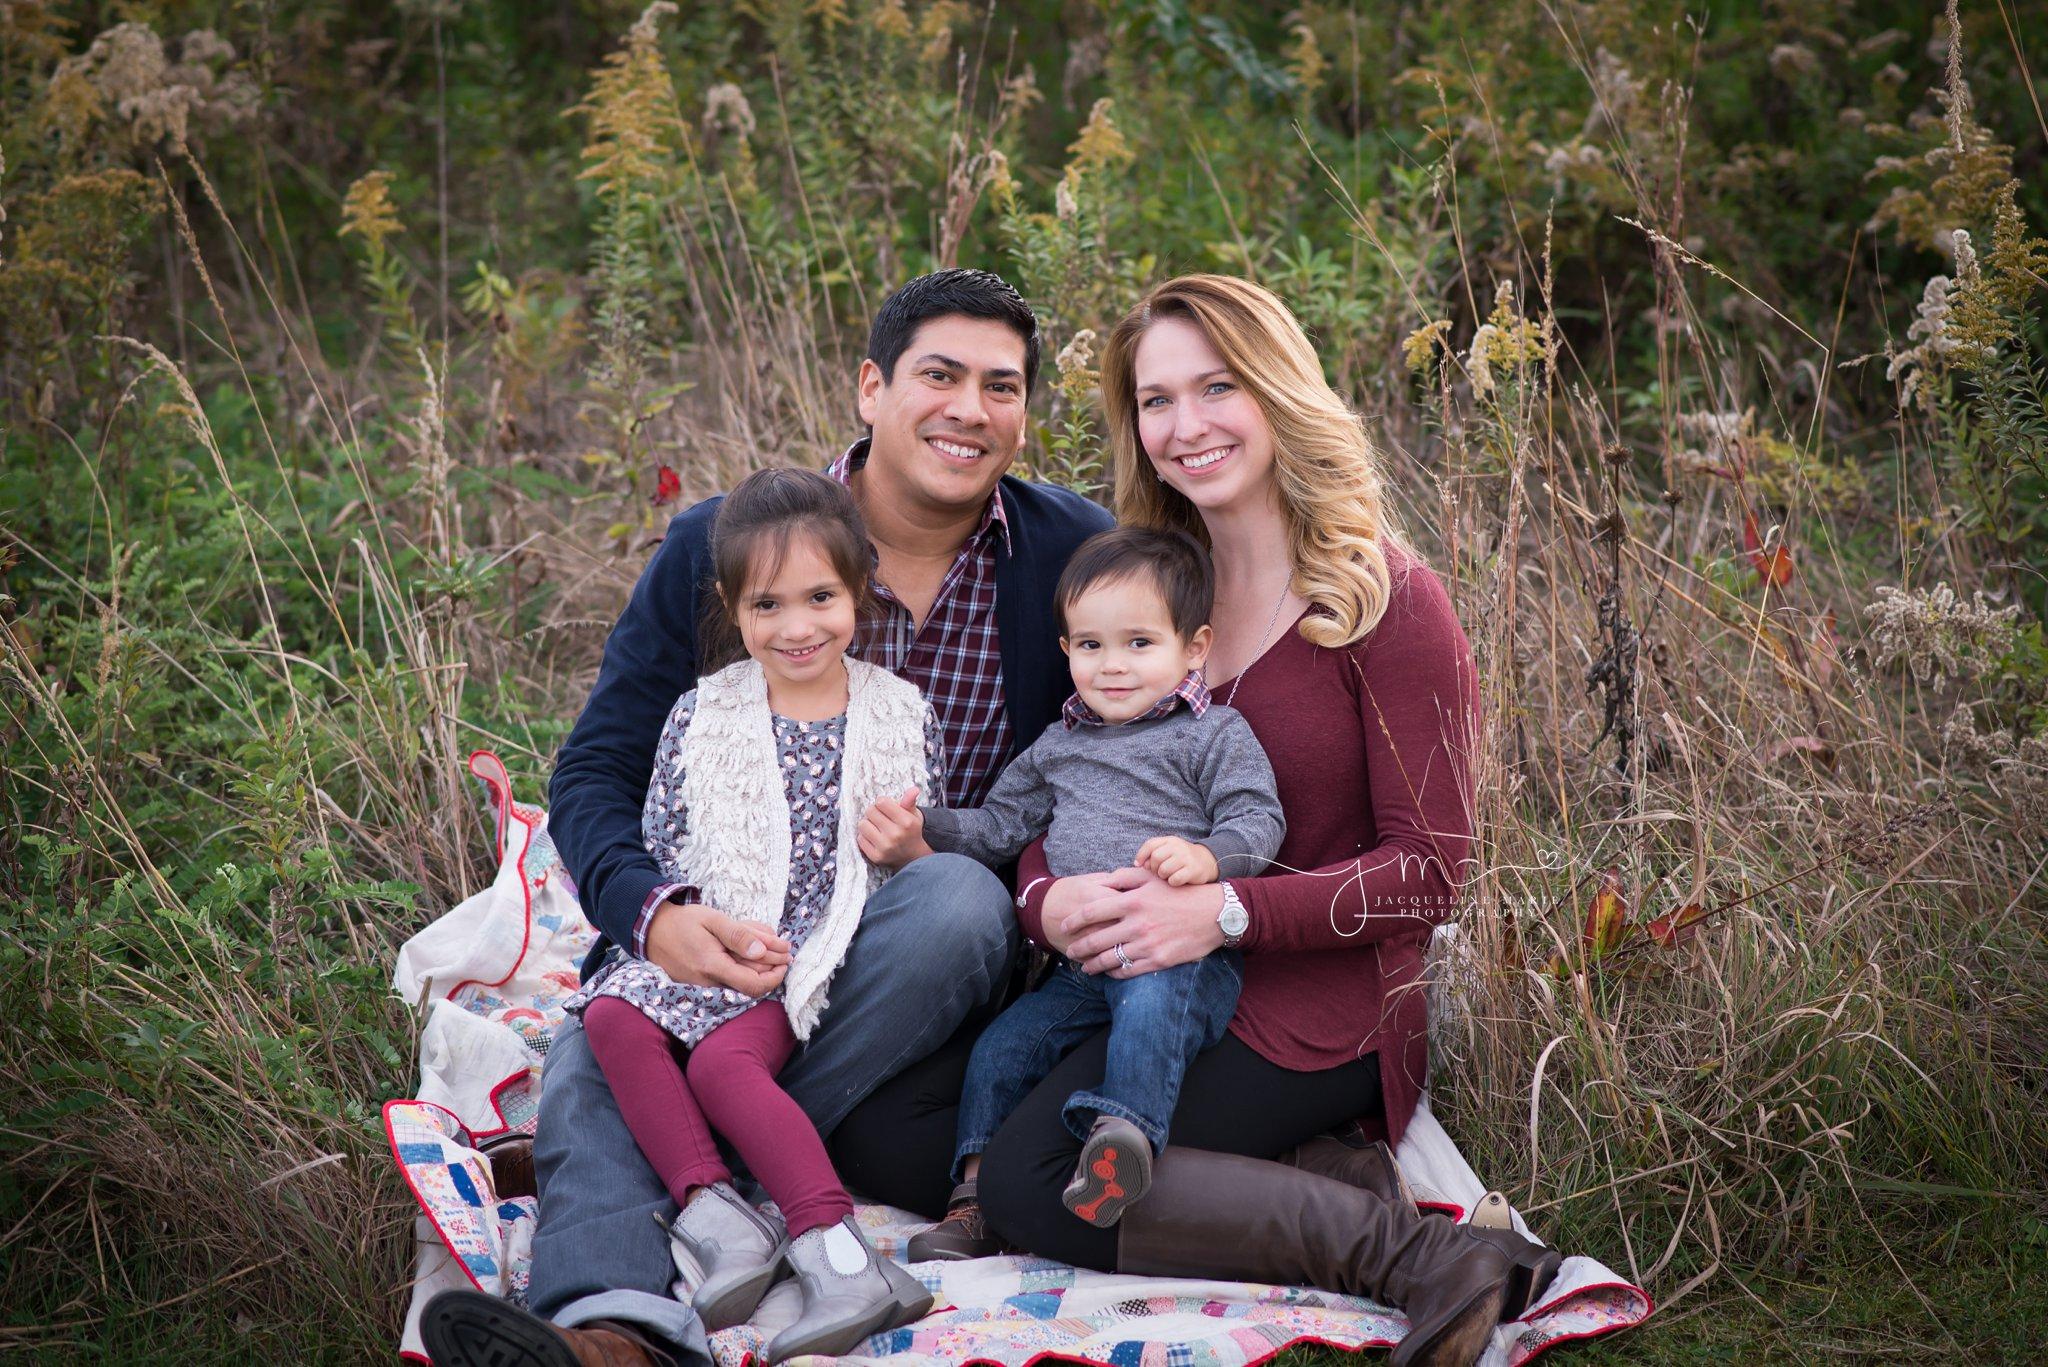 Family photography Columbus Ohio, Columbus Ohio family photographer, outdoor family photography, fall family photos, family of four pose